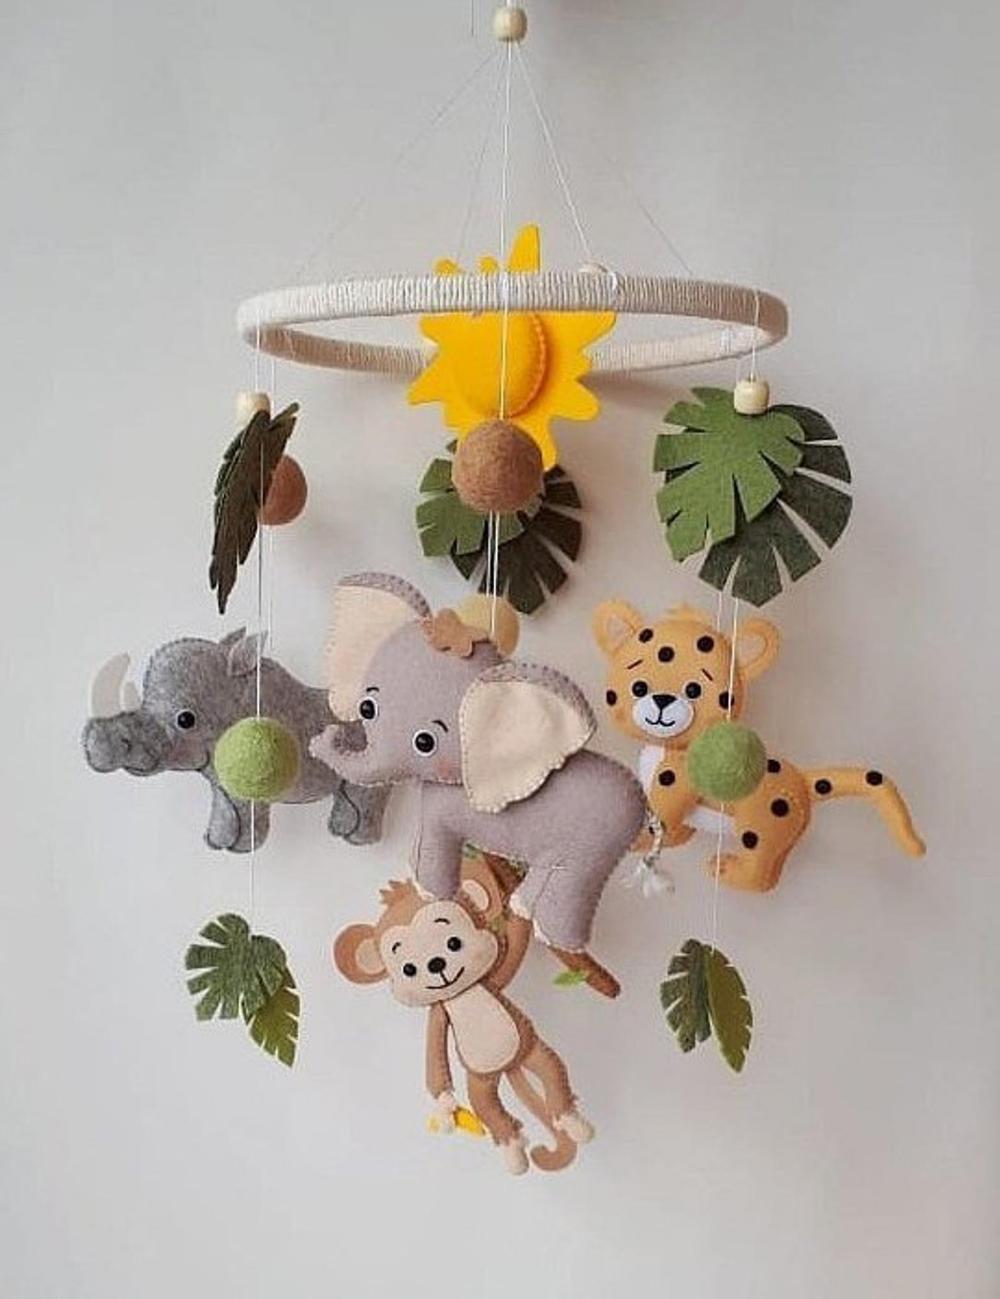 Jungle mobile, safari baby mobiles, baby animals mobiles nursery decor gift for baby hanging mobile crib Custom made animal cot mobile